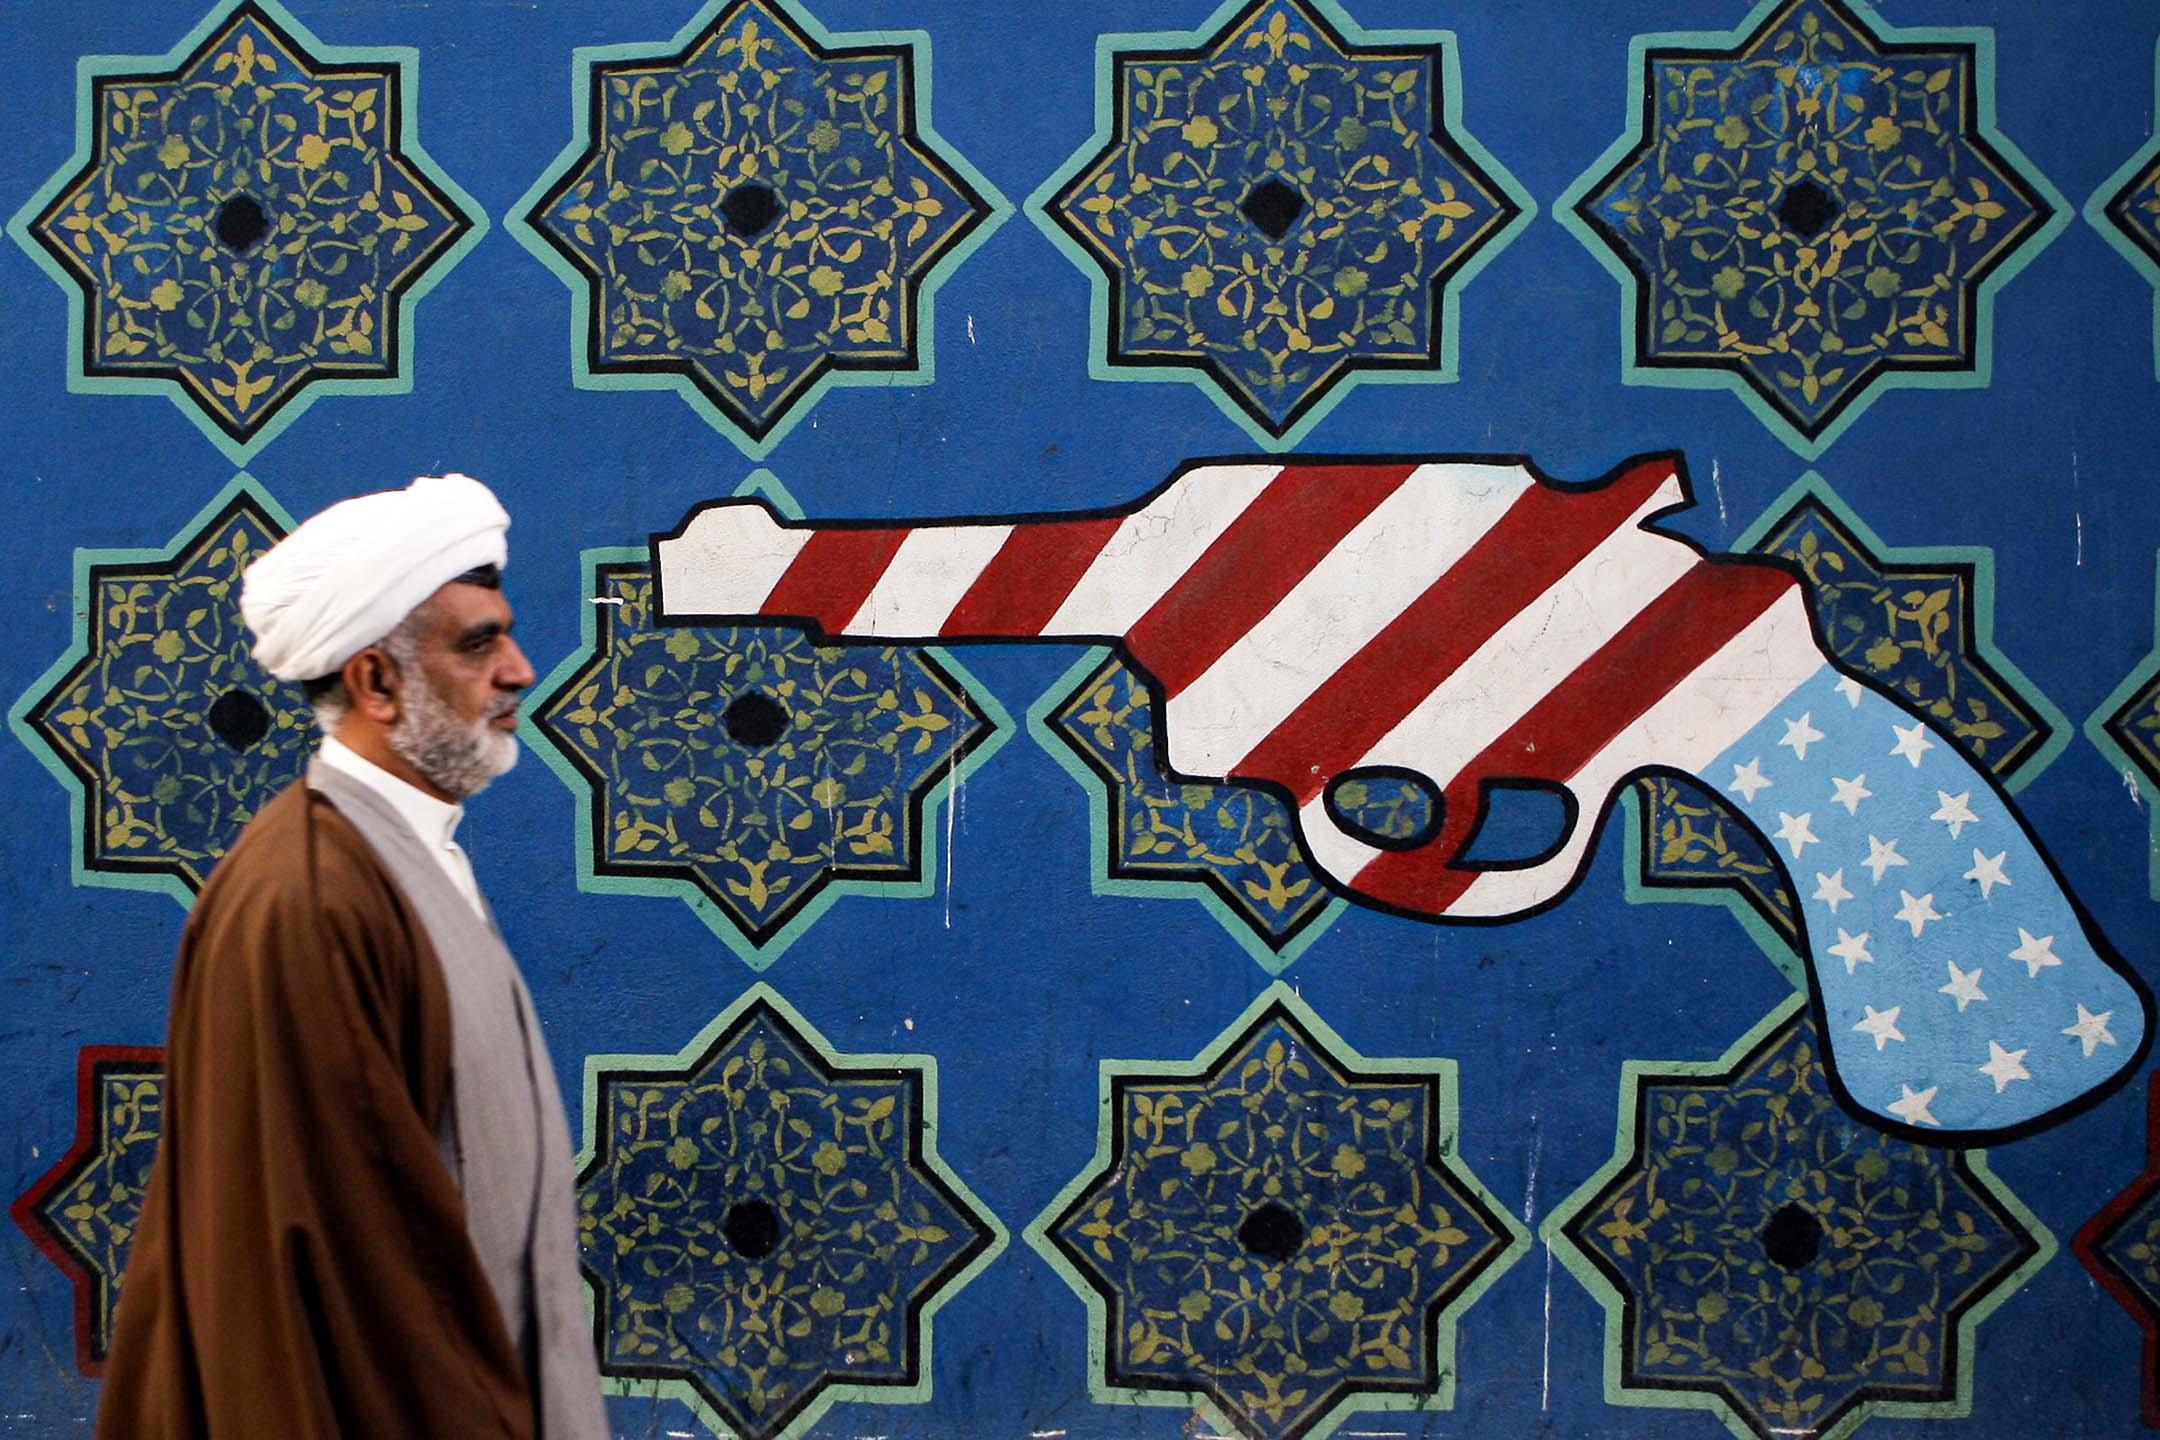 2007年2月22日伊朗德黑蘭,伊朗文職人員走過前美國大使館牆上的壁畫。